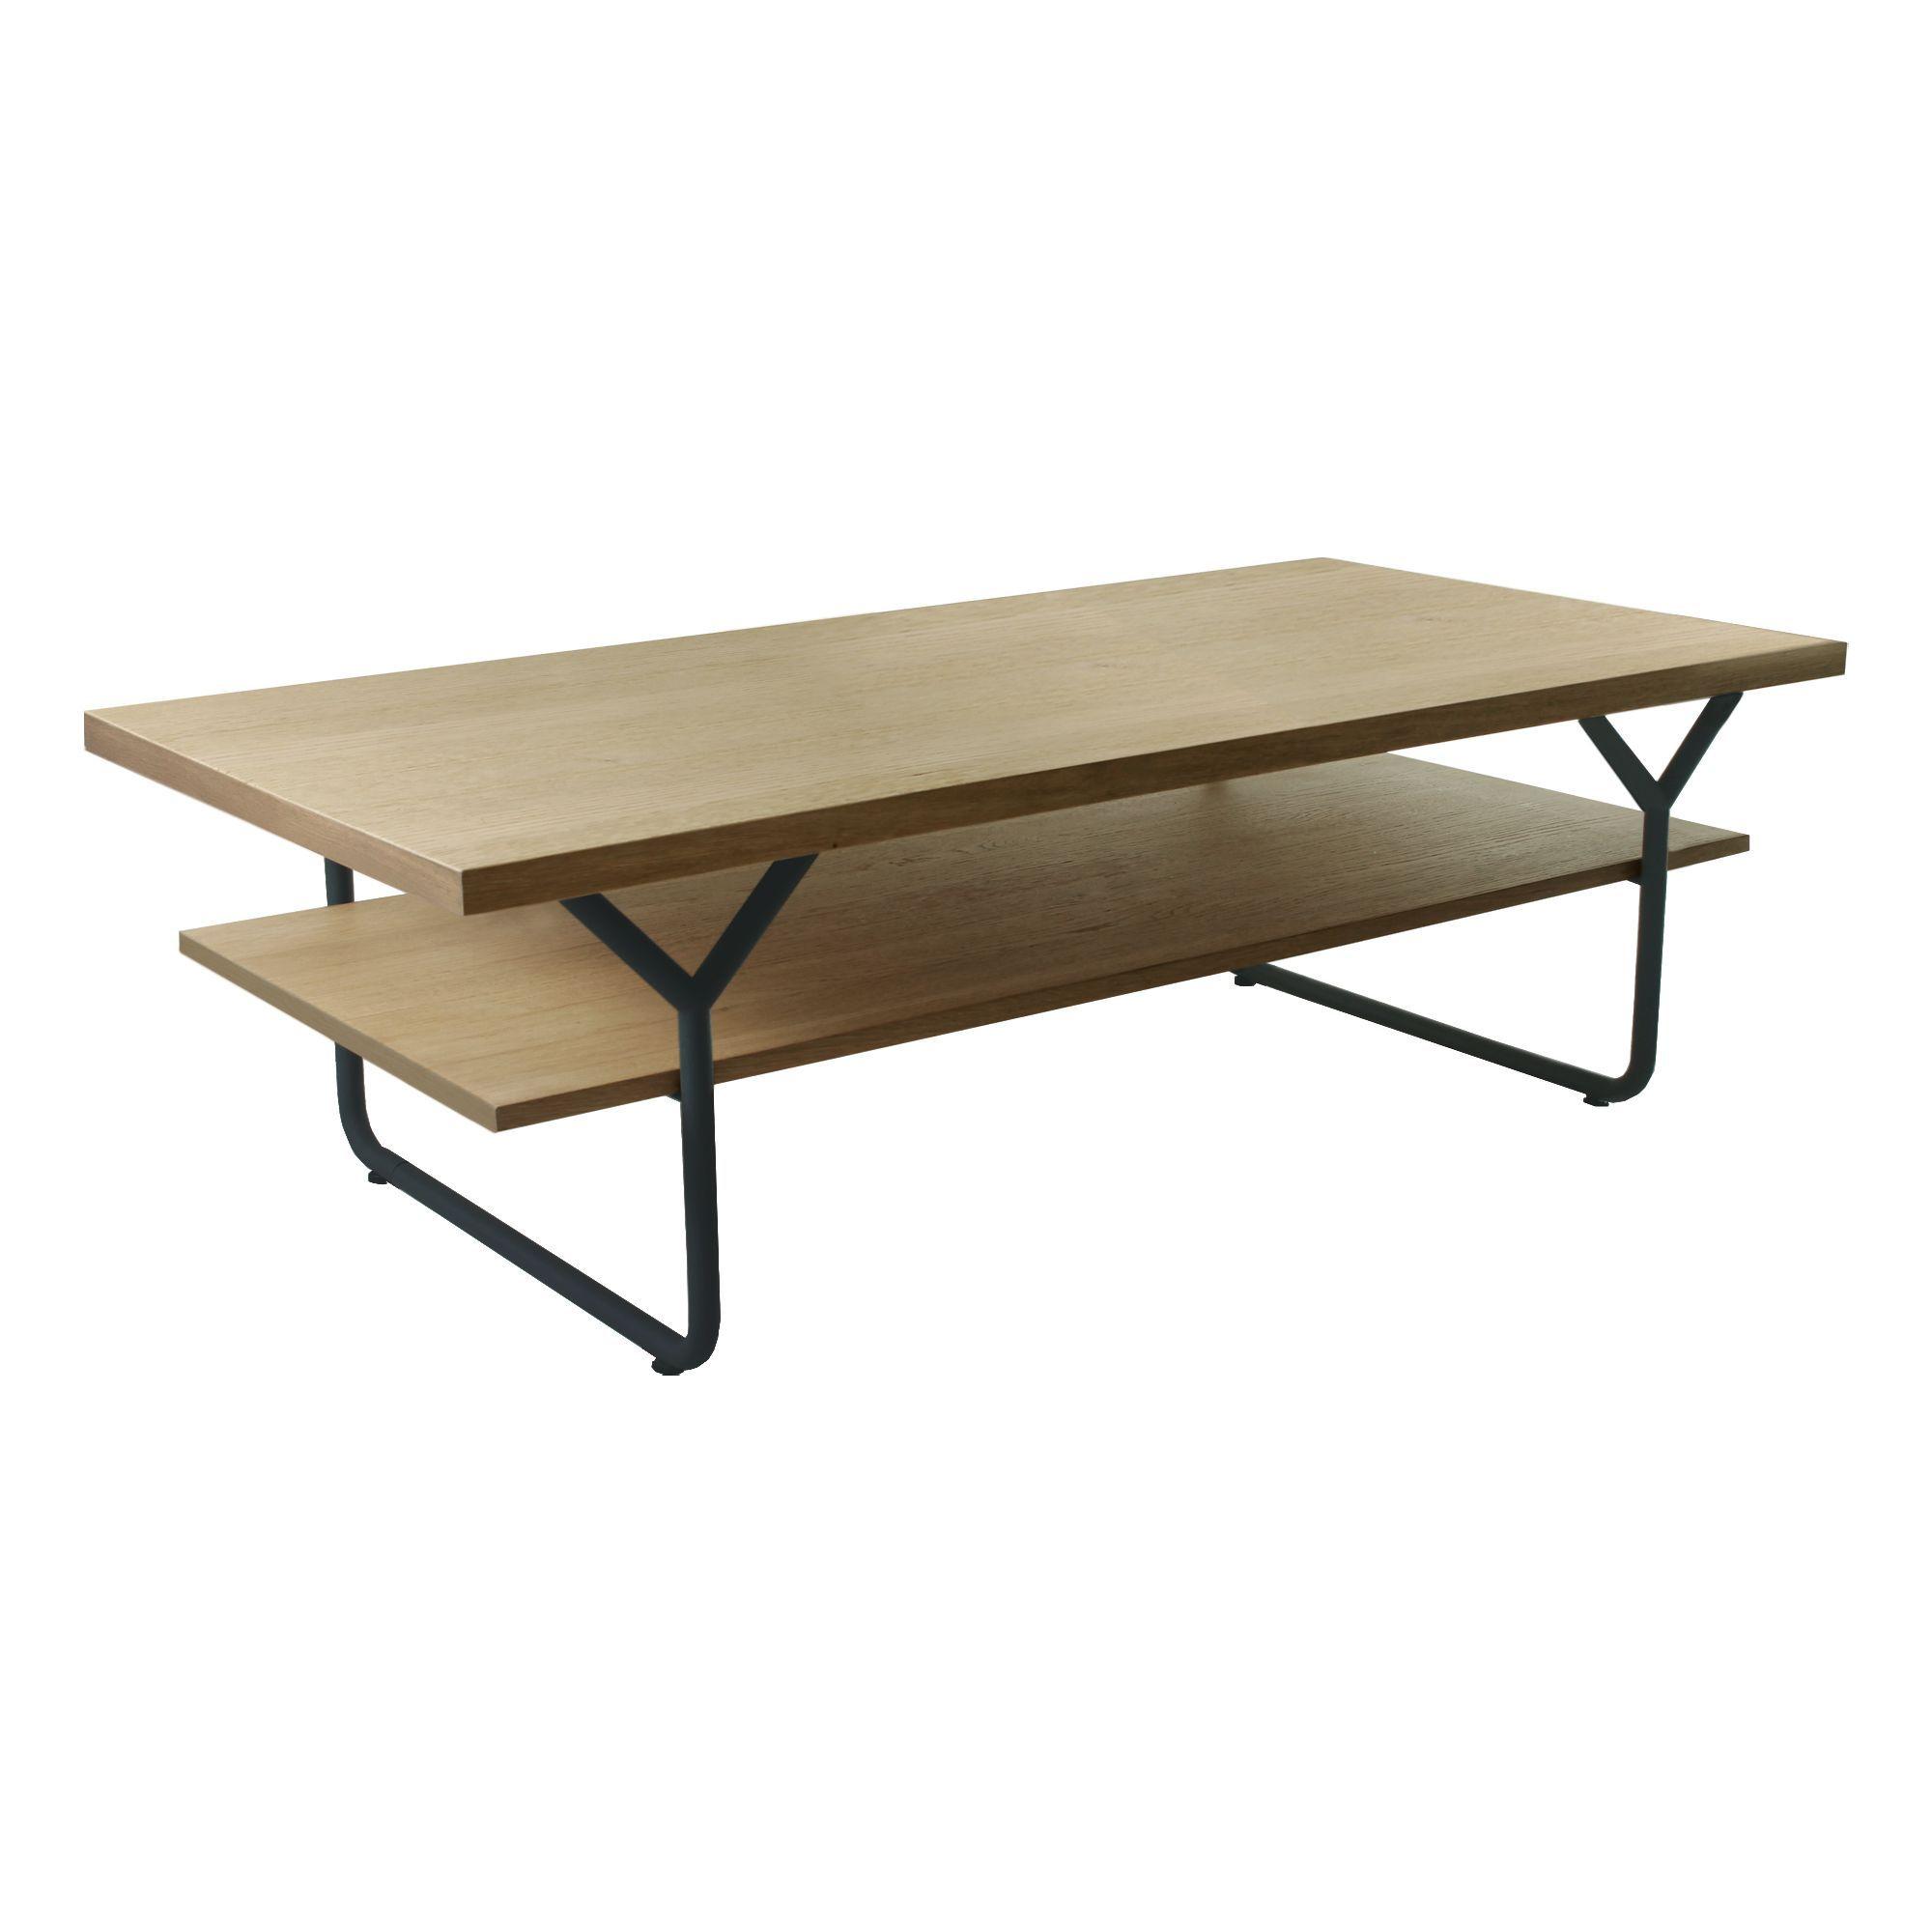 Table Basse En Acier Et Placage Chêne Chêne Naturel ... à Table Basse Alinea